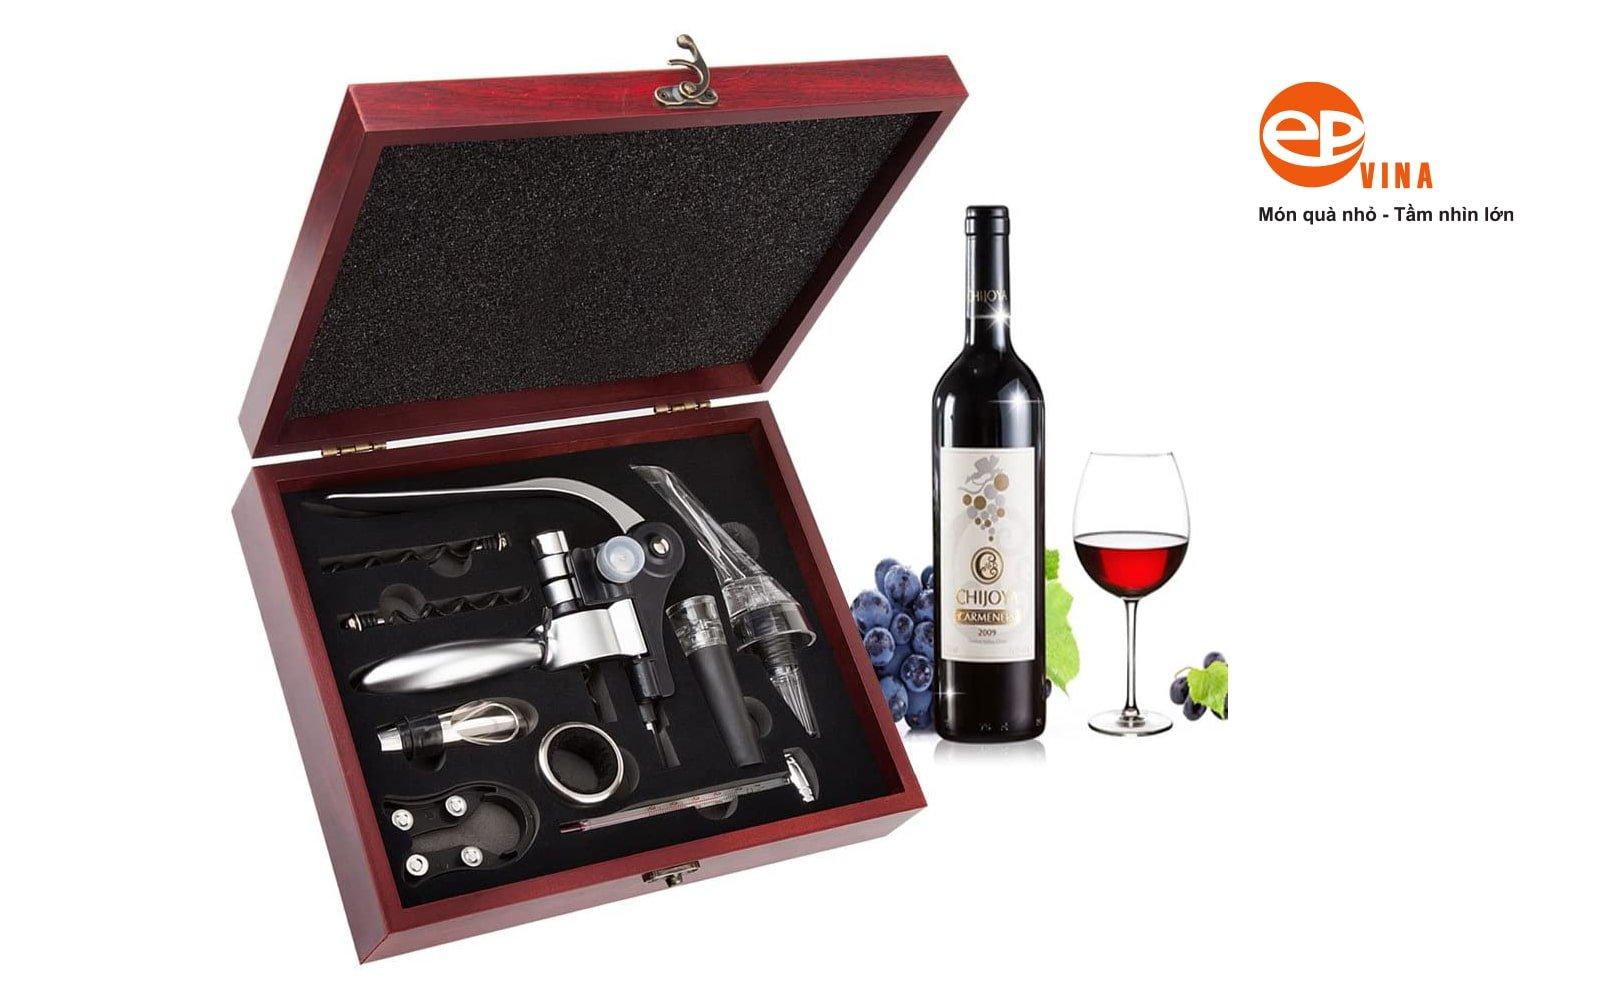 Bộ phụ kiện rót, mở cho rượu vang Hà Nội